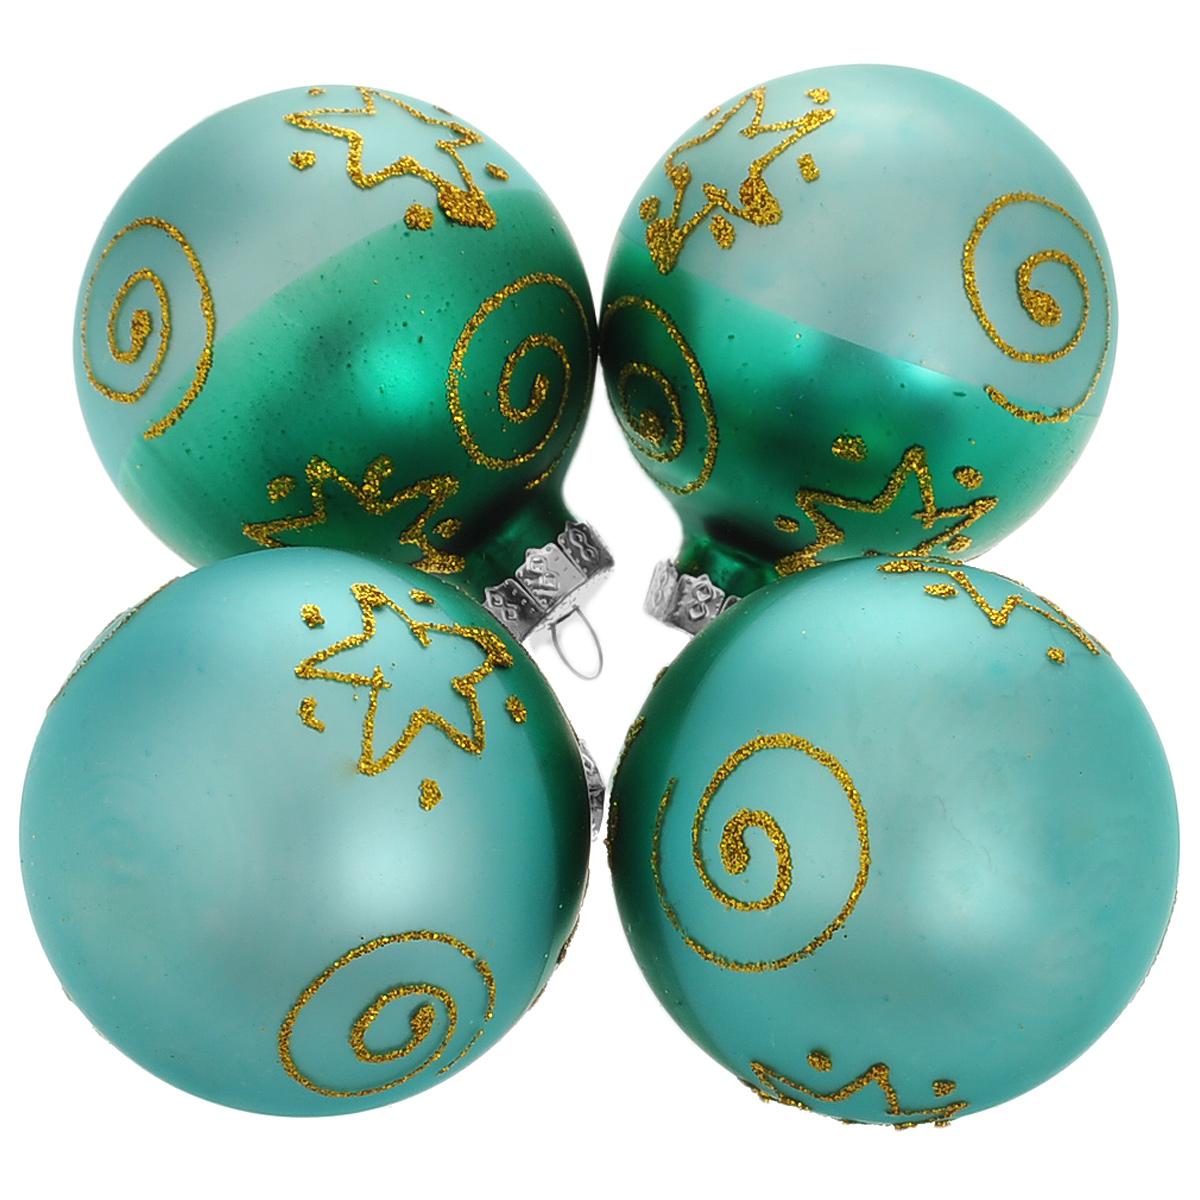 Набор новогодних подвесных украшений Шар, цвет: зеленый, золотистый, диаметр 6 см, 4 шт. 34502C0038550Набор новогодних подвесных украшений Шар прекрасно подойдет для праздничного декора новогодней ели. Состоит из четырех шаров.Елочная игрушка - символ Нового года. Она несет в себе волшебство и красоту праздника. Создайте в своем доме атмосферу веселья и радости, украшая новогоднюю елку нарядными игрушками, которые будут из года в год накапливать теплоту воспоминаний. Коллекция декоративных украшений принесет в ваш дом ни с чем несравнимое ощущение волшебства! Откройте для себя удивительный мир сказок и грез. Почувствуйте волшебные минуты ожидания праздника, создайте новогоднее настроение вашим дорогим и близким.